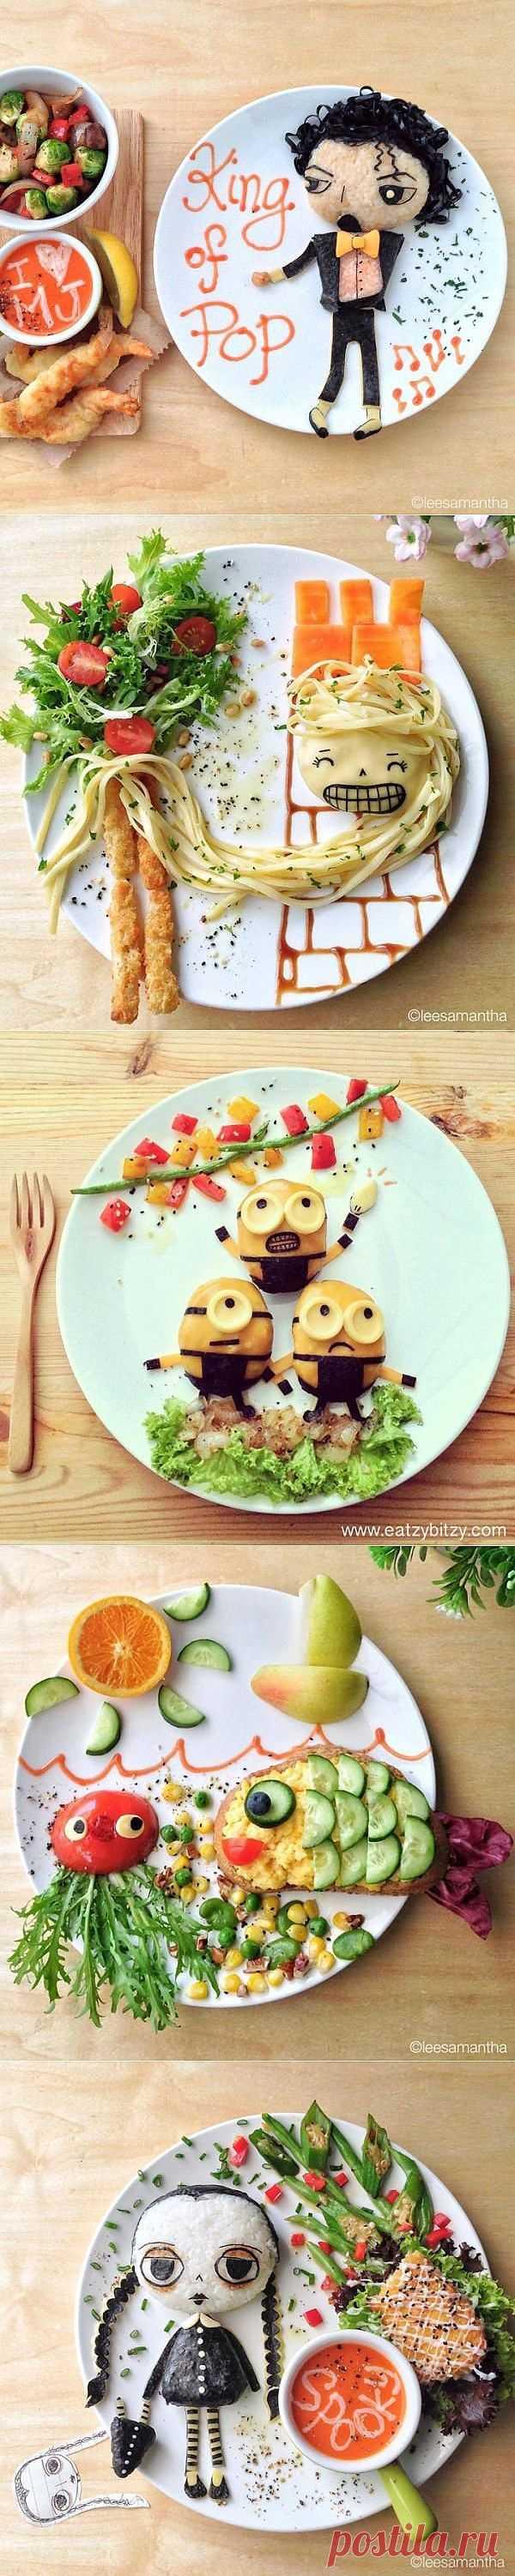 (+1) - Креативные завтраки для детей от находчивой мамы (ФОТО) | О наших детях